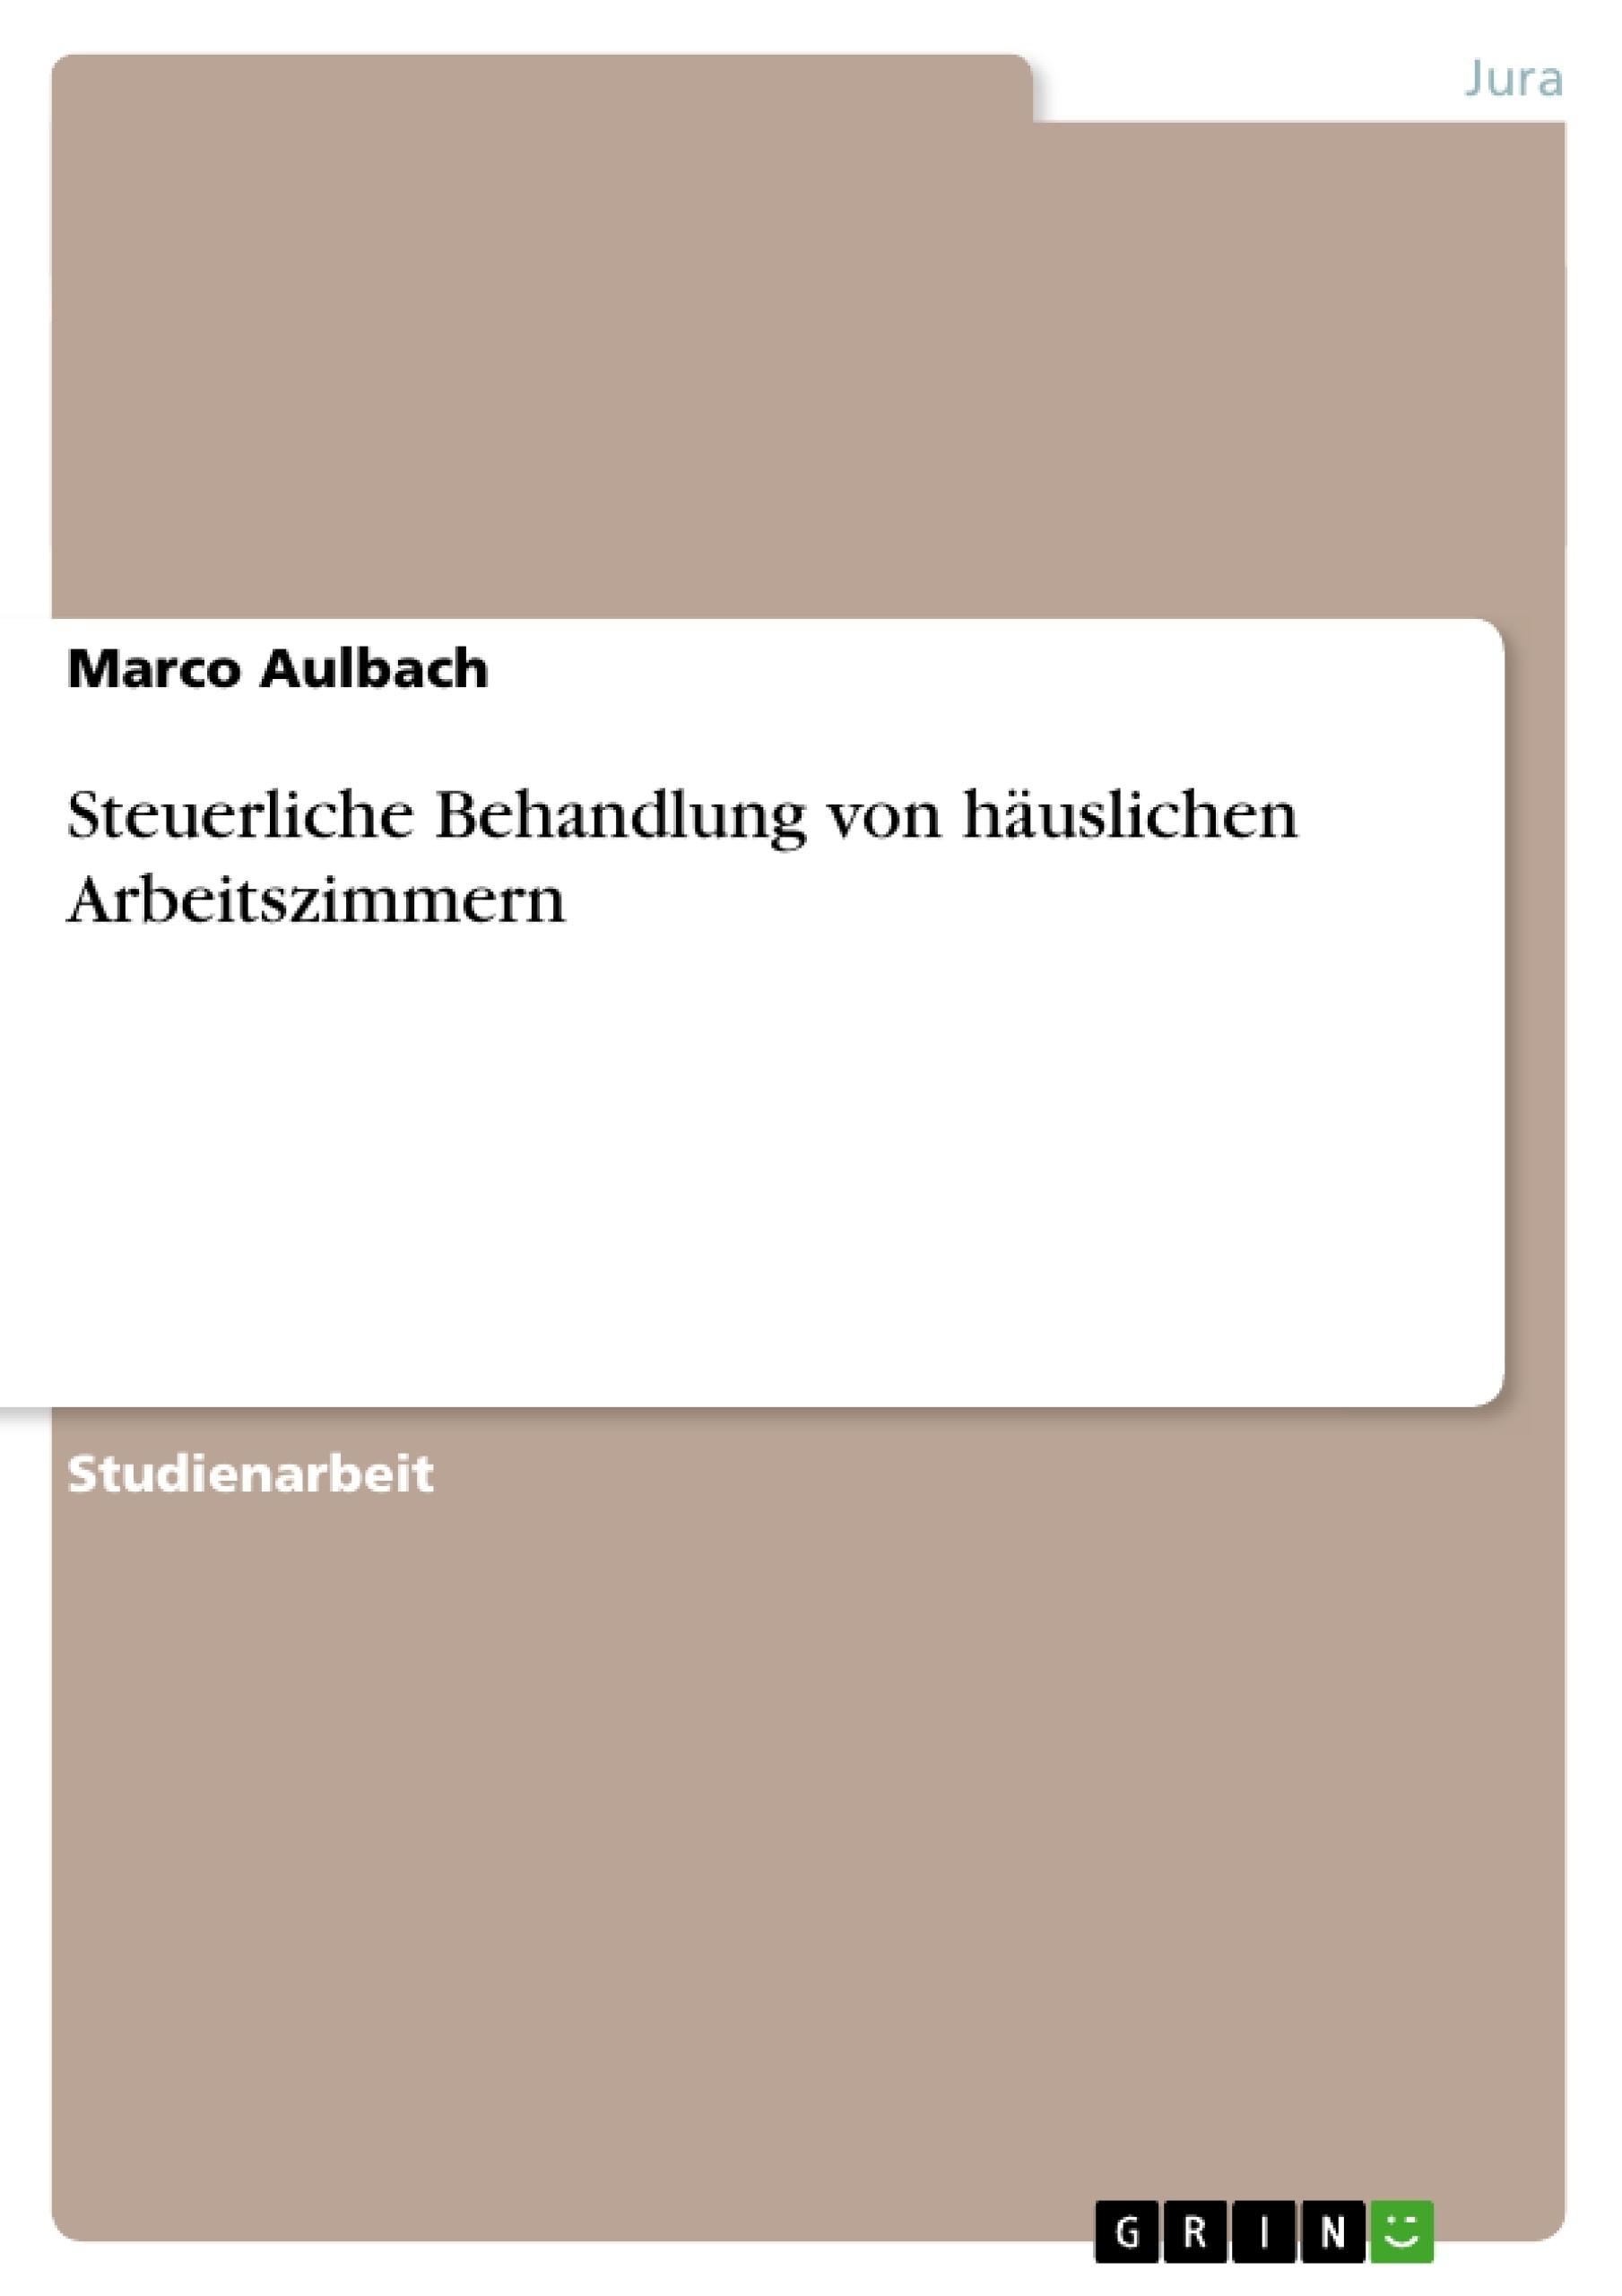 Titel: Steuerliche Behandlung von häuslichen Arbeitszimmern